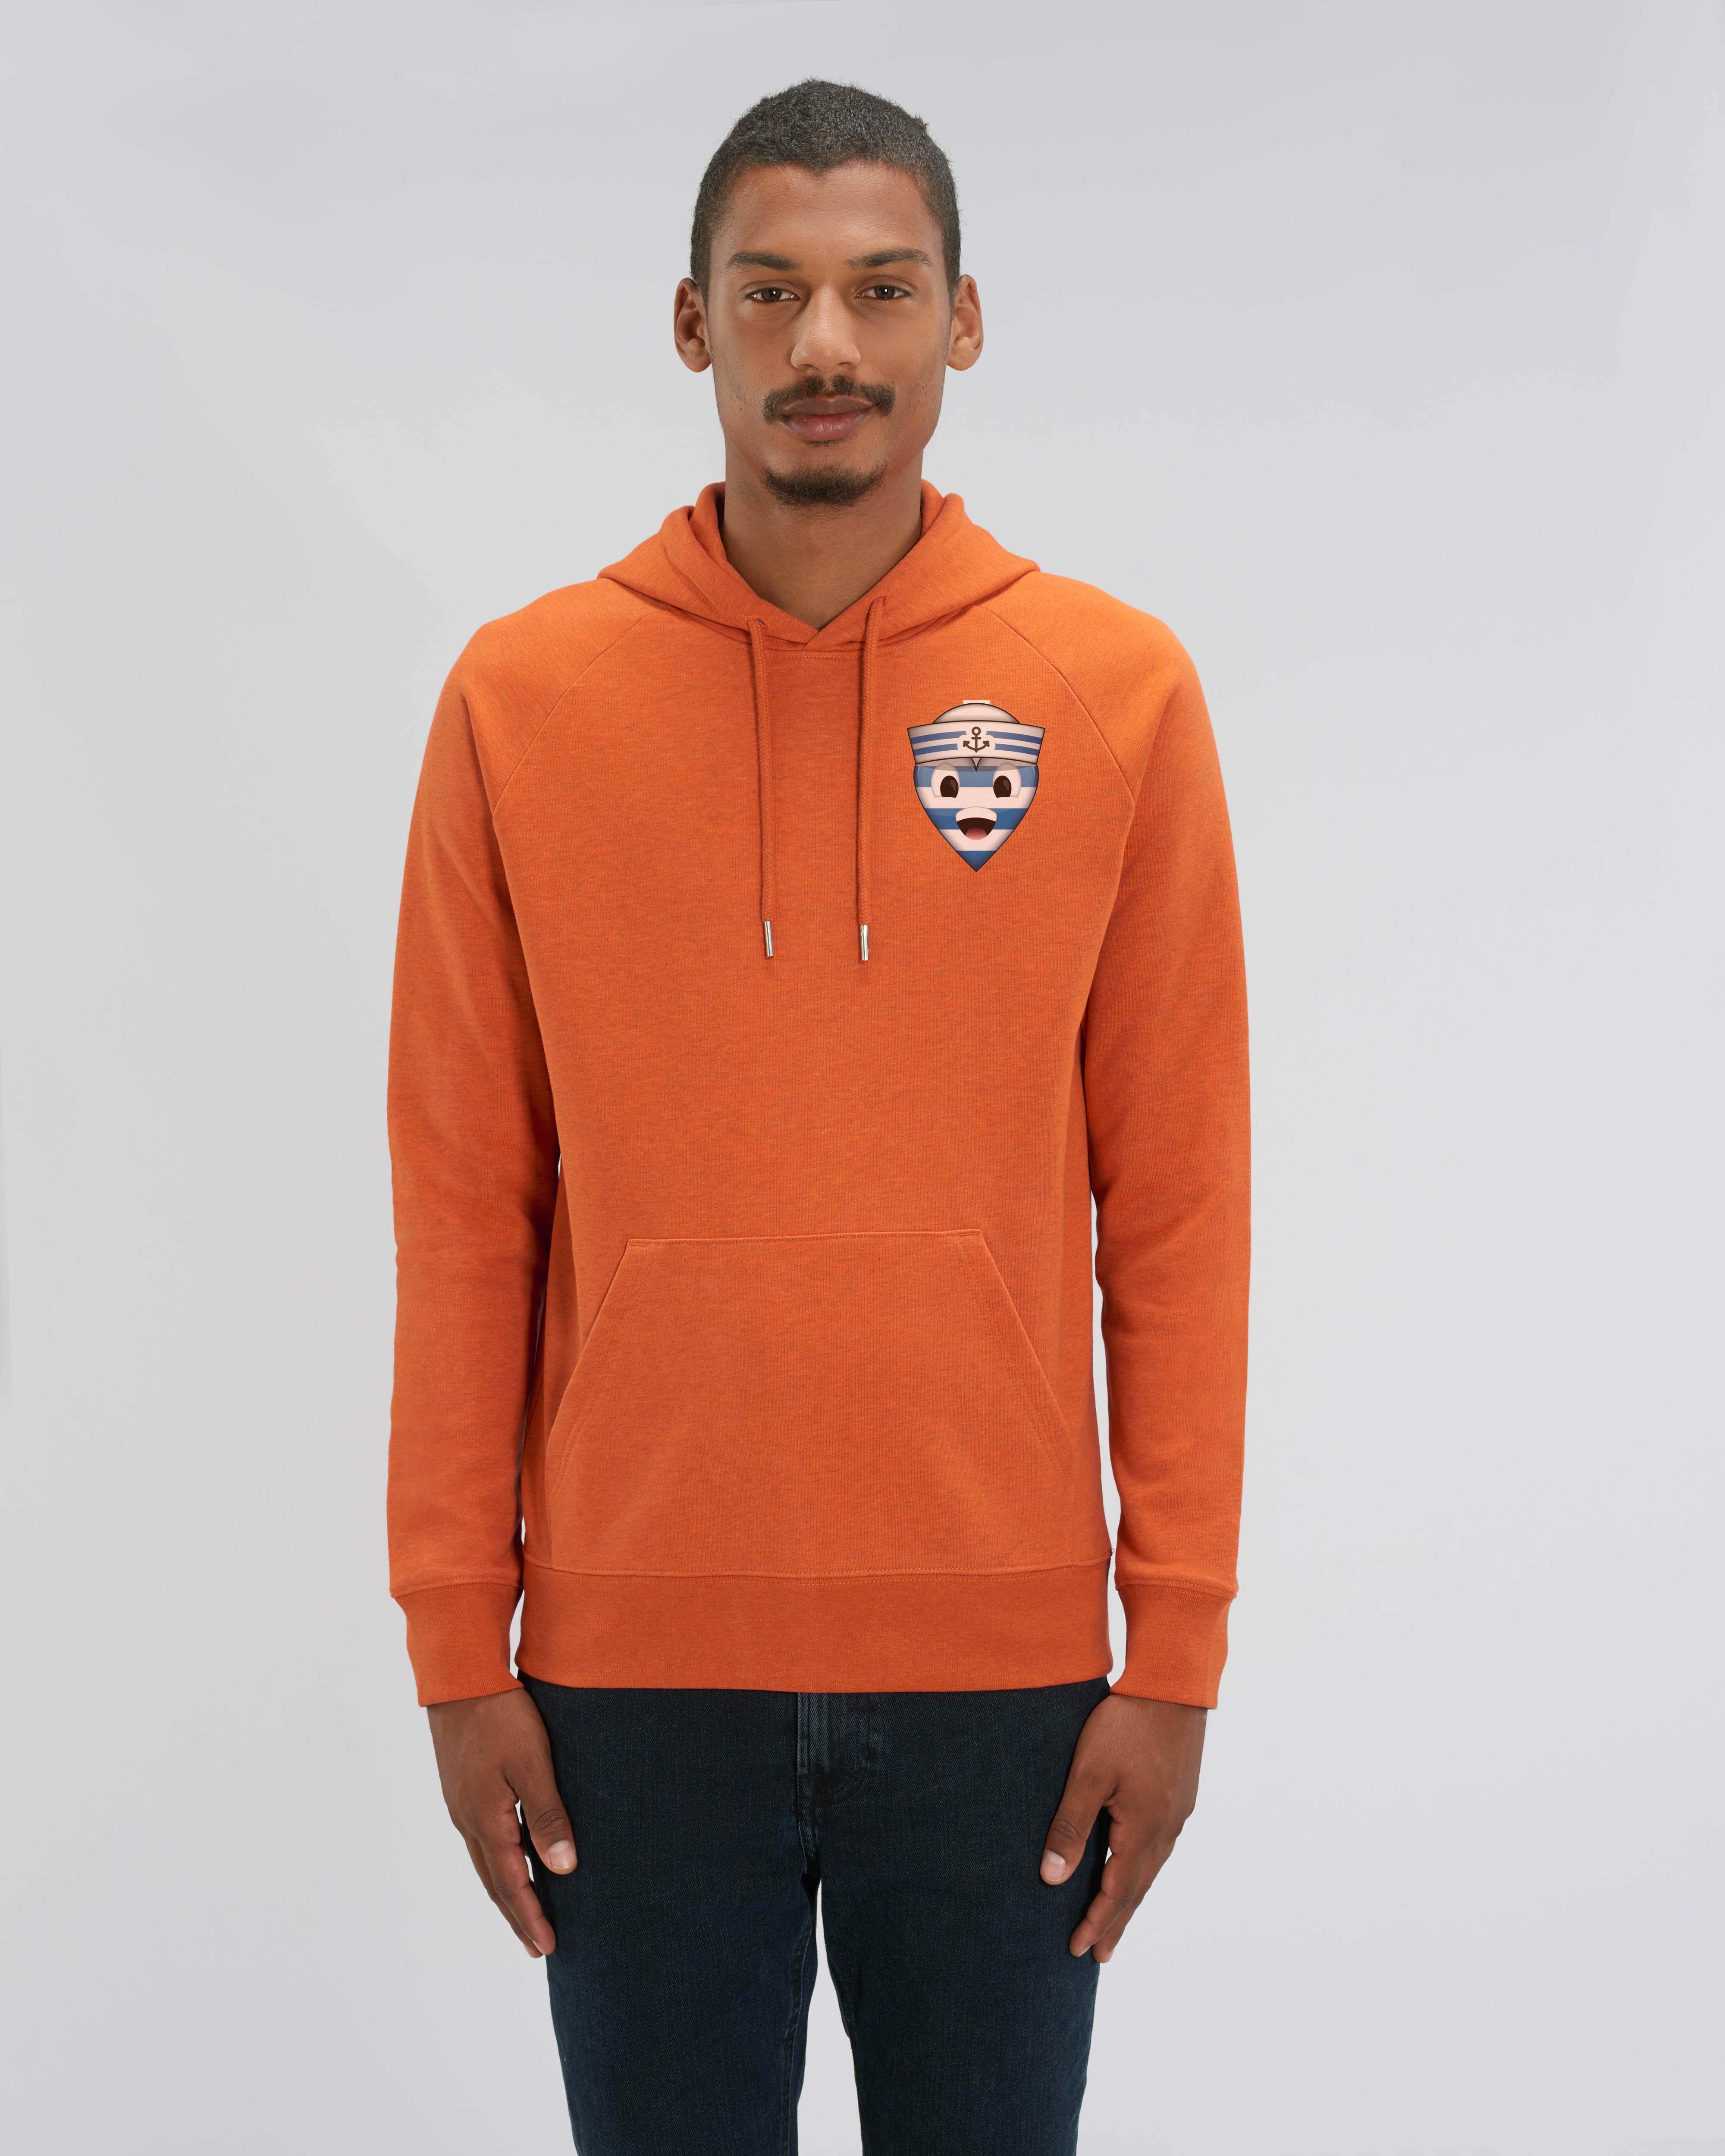 Sweat shirt à Capuche orange homme - navy hoodie